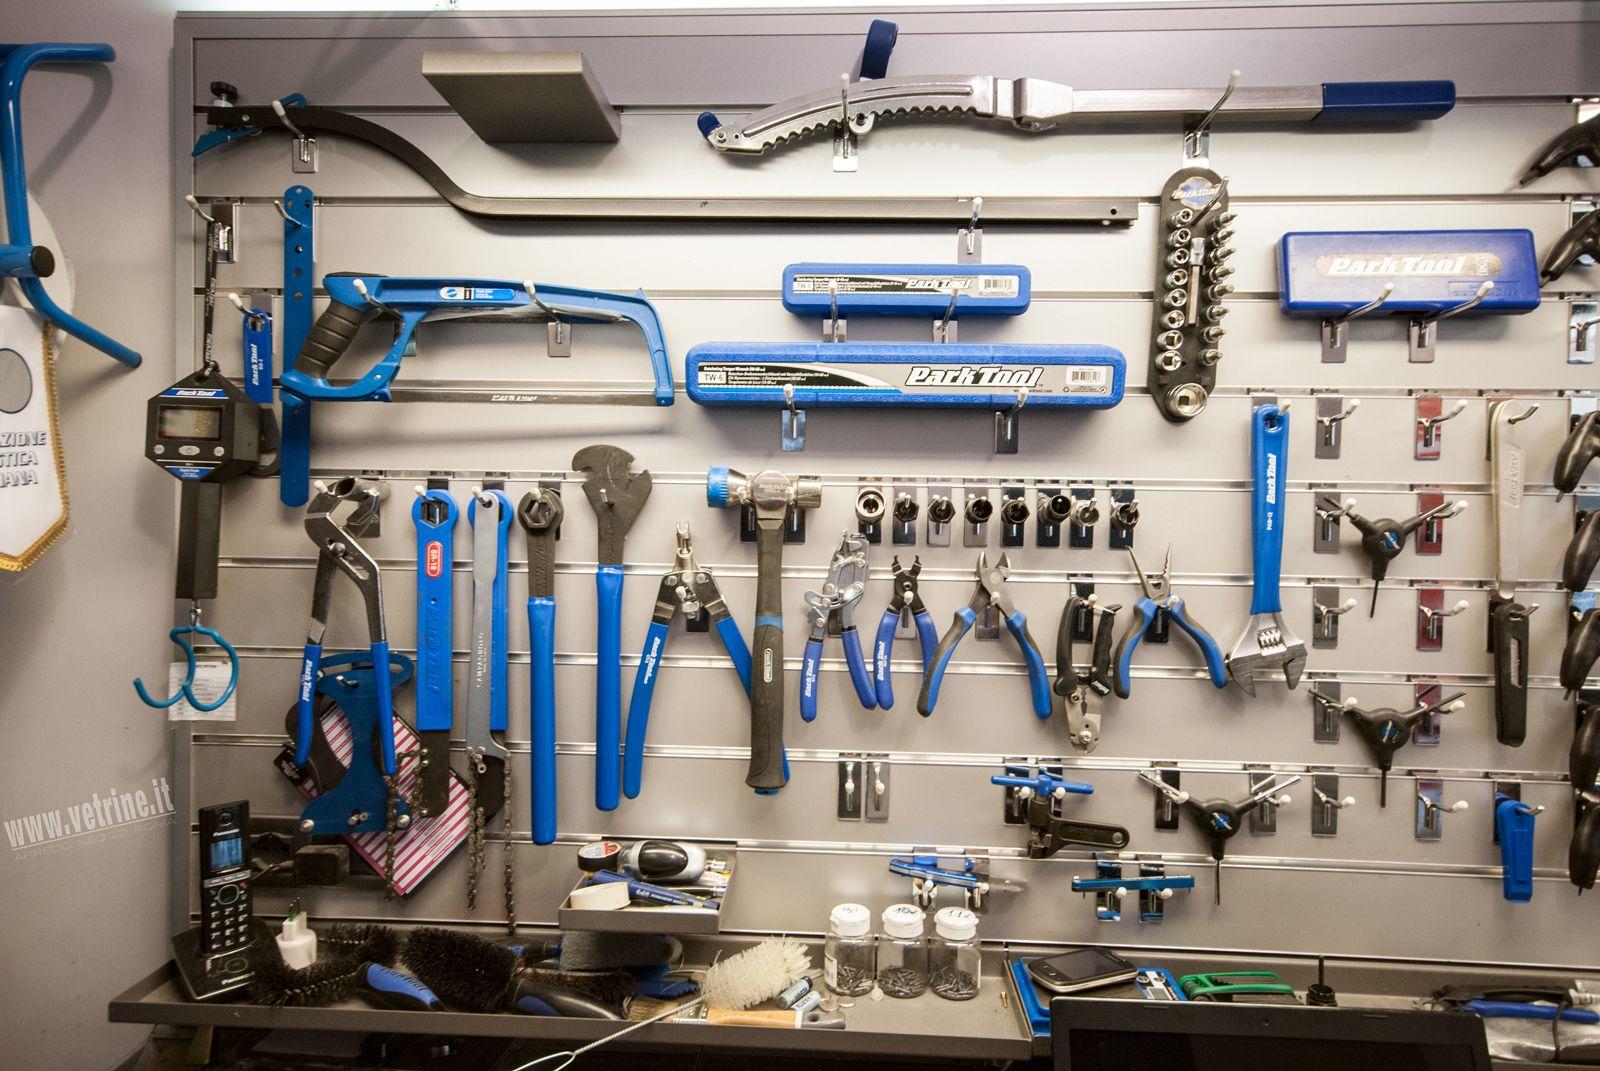 arredamento per negozio di biciclette | lazzaretti roma | tutto ... - Arredamento Negozio Abbigliamento Roma